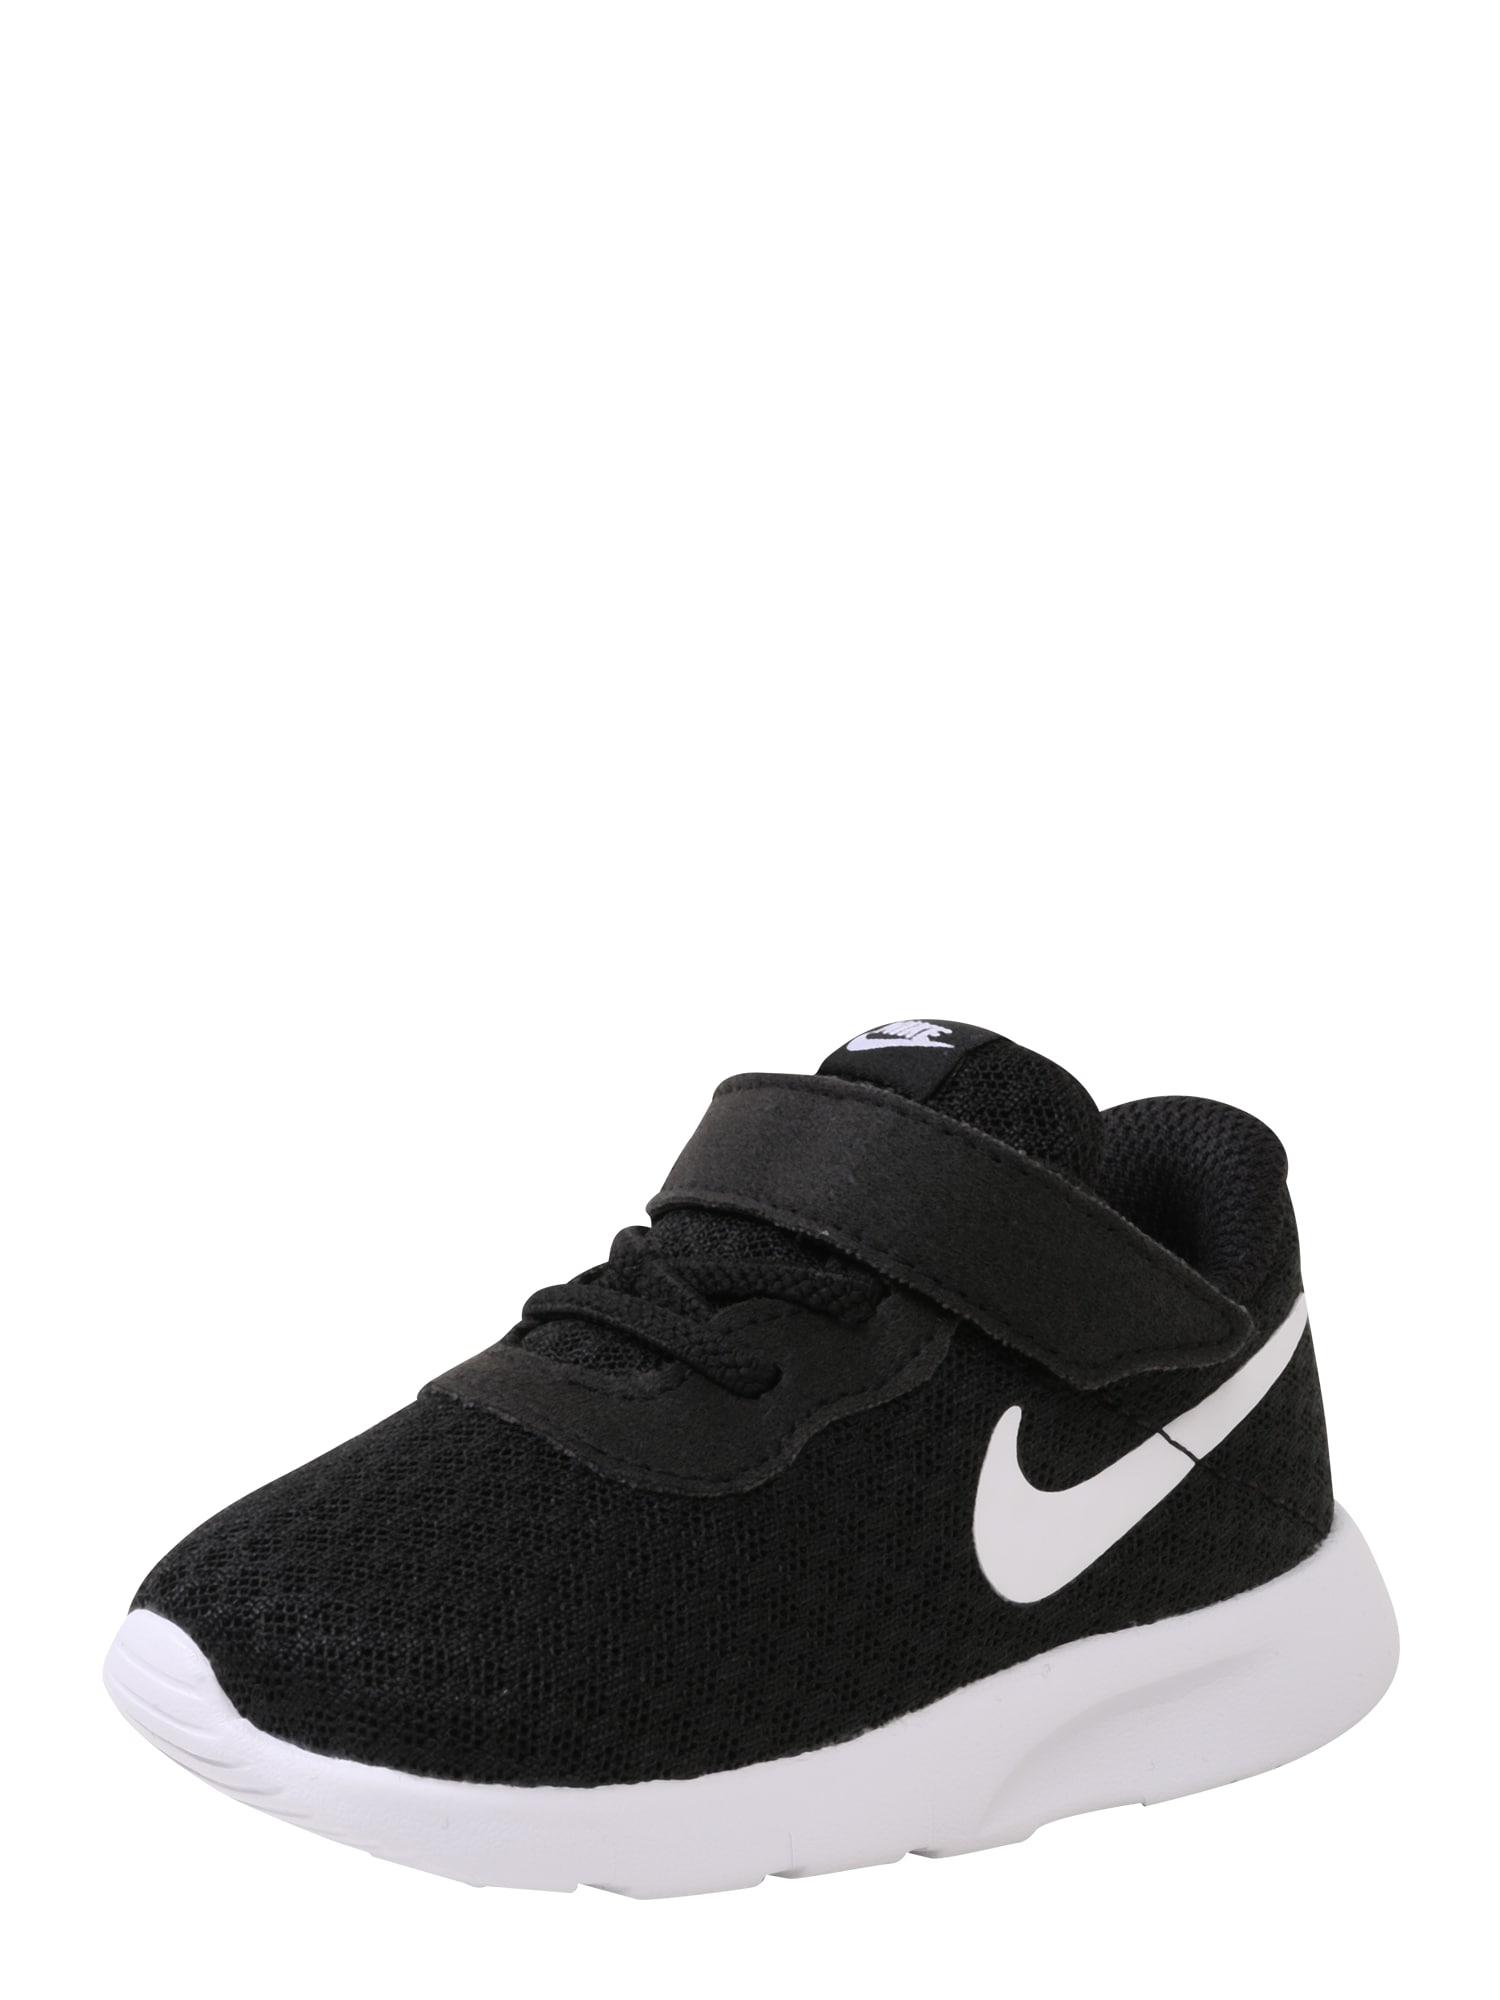 NIKE Sportiniai batai 'Tanjun Toddler' juoda / balta